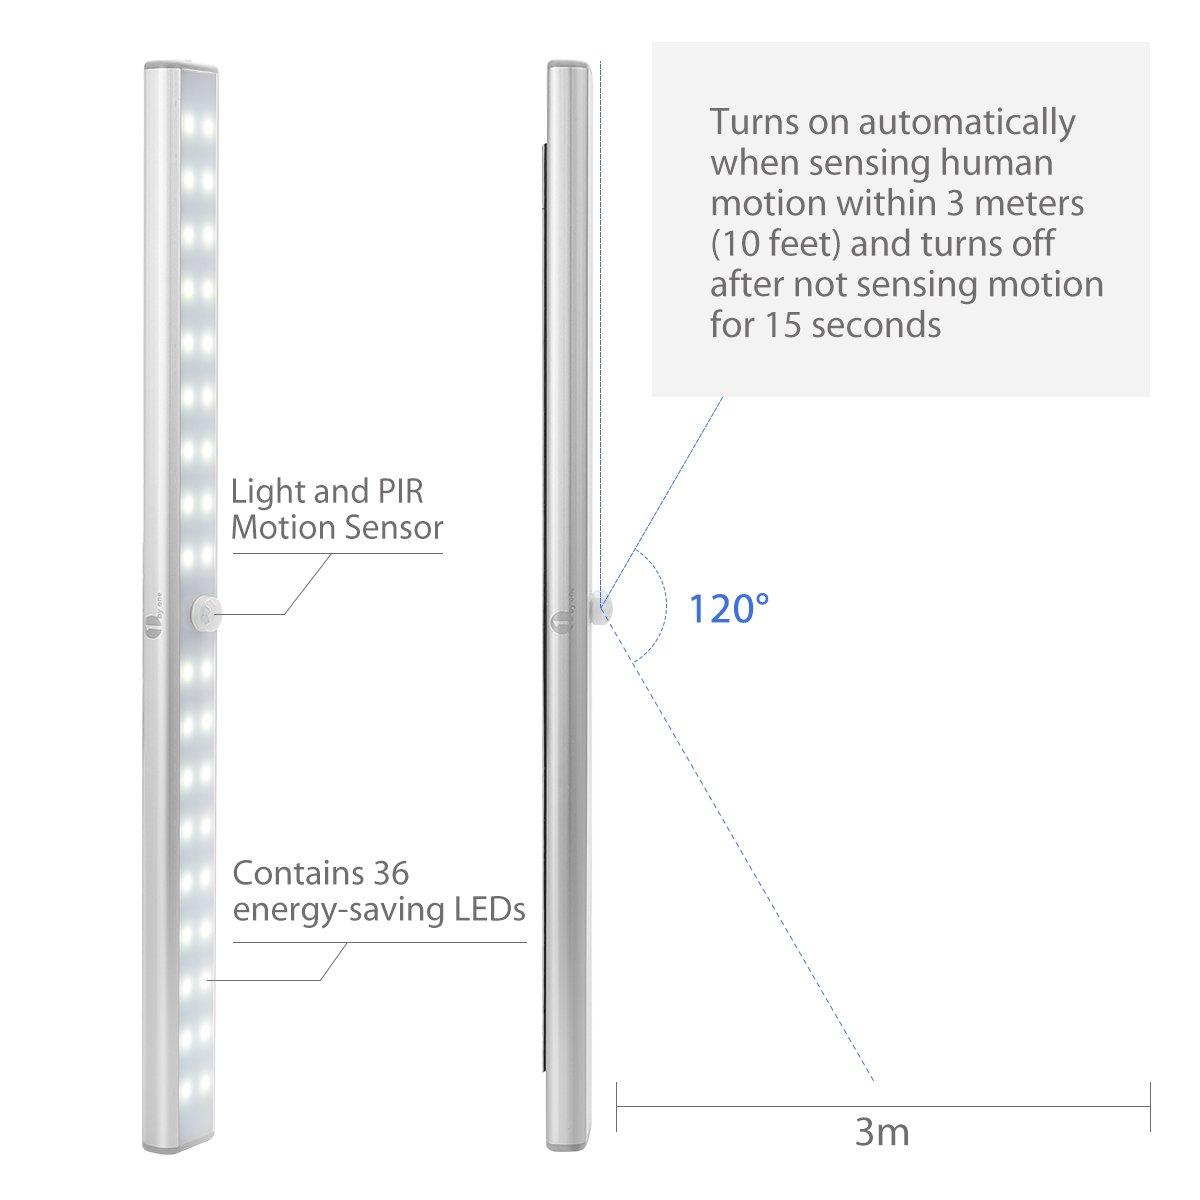 1byone barra de luz LED recargable y portátil con sensor de movimiento, Lámpara Nocturna Led 36 luces y banda magnética para armarios, mesillas, dormitorios, ...